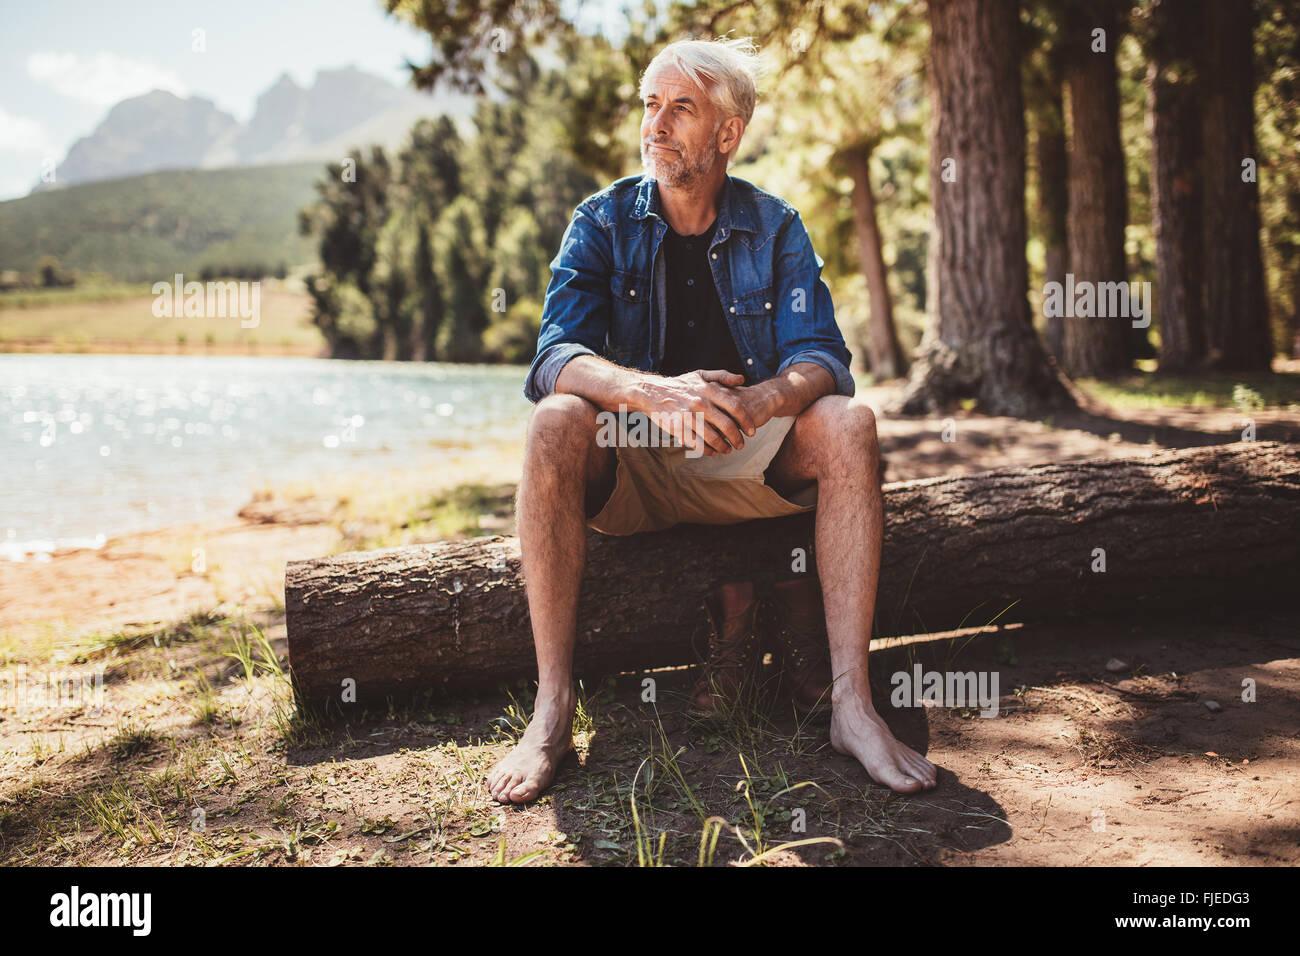 Porträt eines älteren Mannes sitzen auf einem Baumstamm in der Nähe von See und wegsehen. Reifer Stockbild